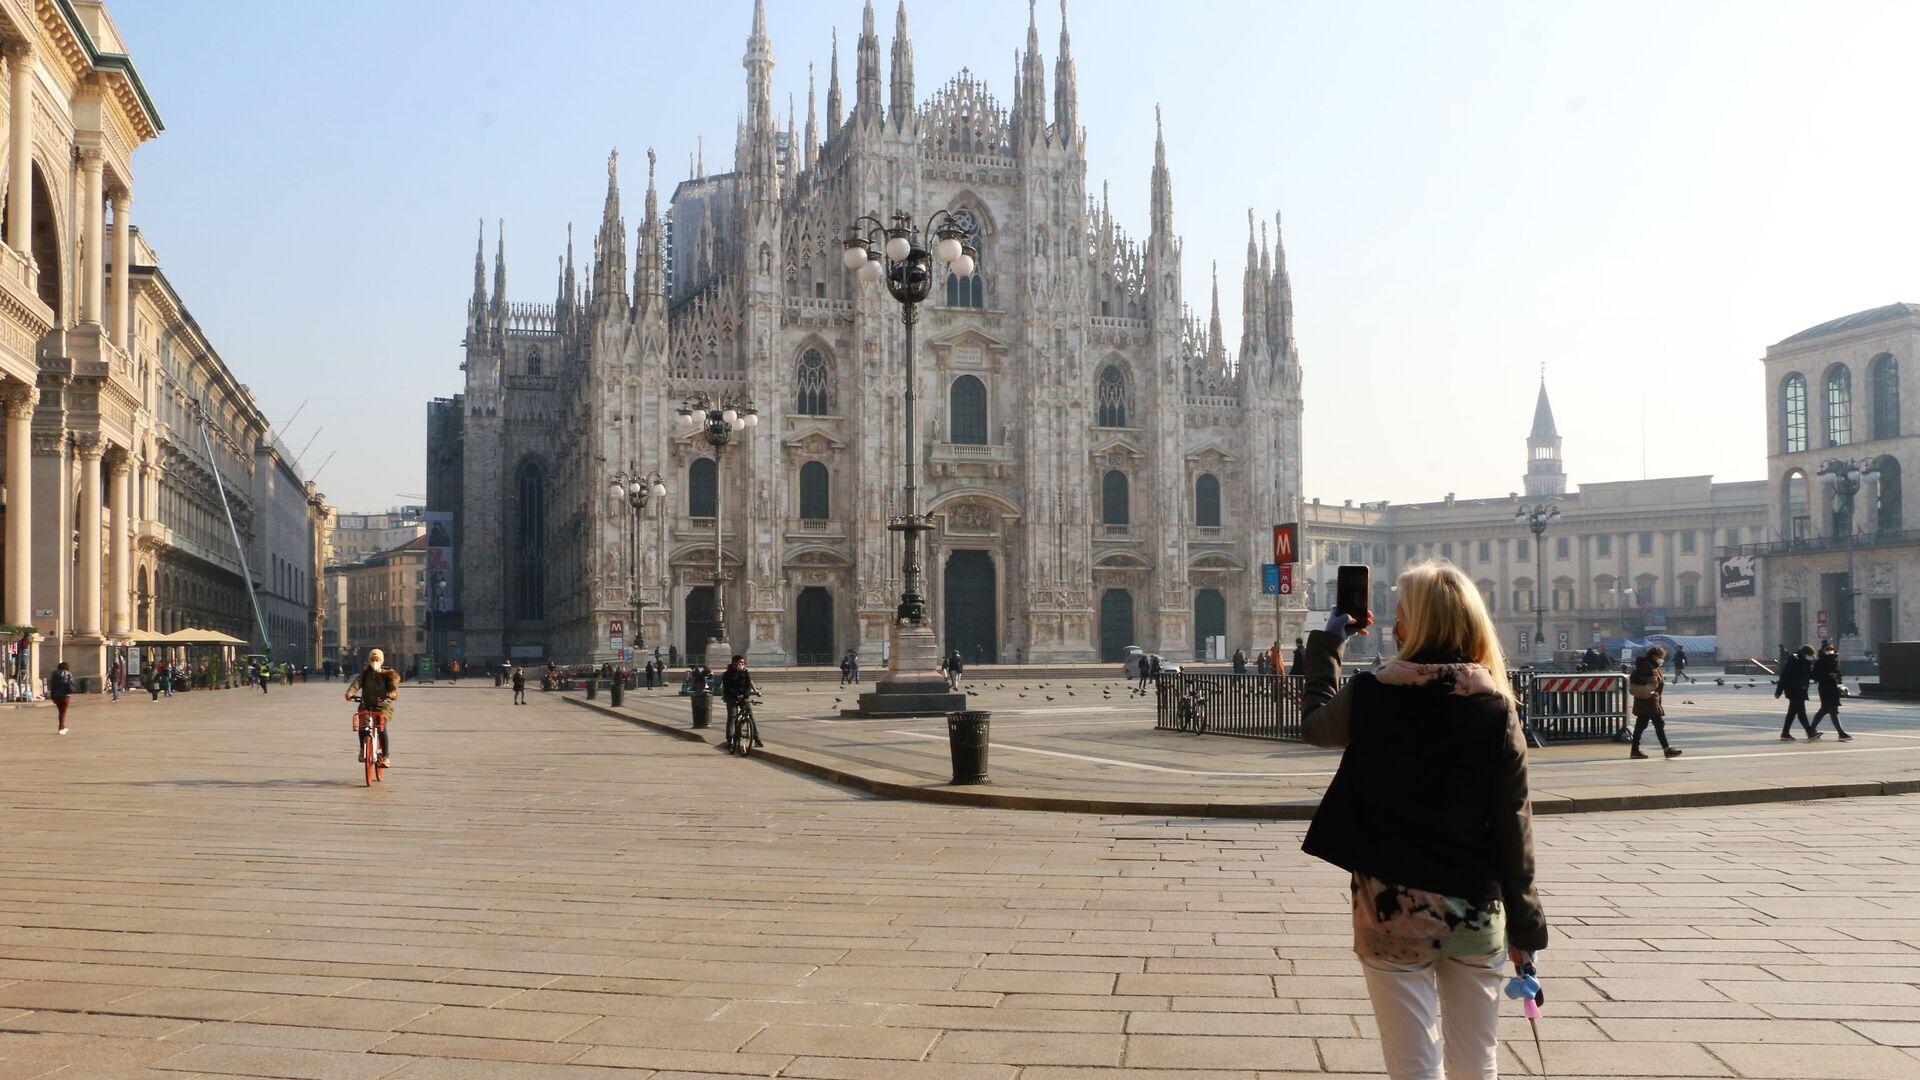 Una donna sta fotografando la piazza del Duomo a Milano - Sputnik Italia, 1920, 09.02.2021